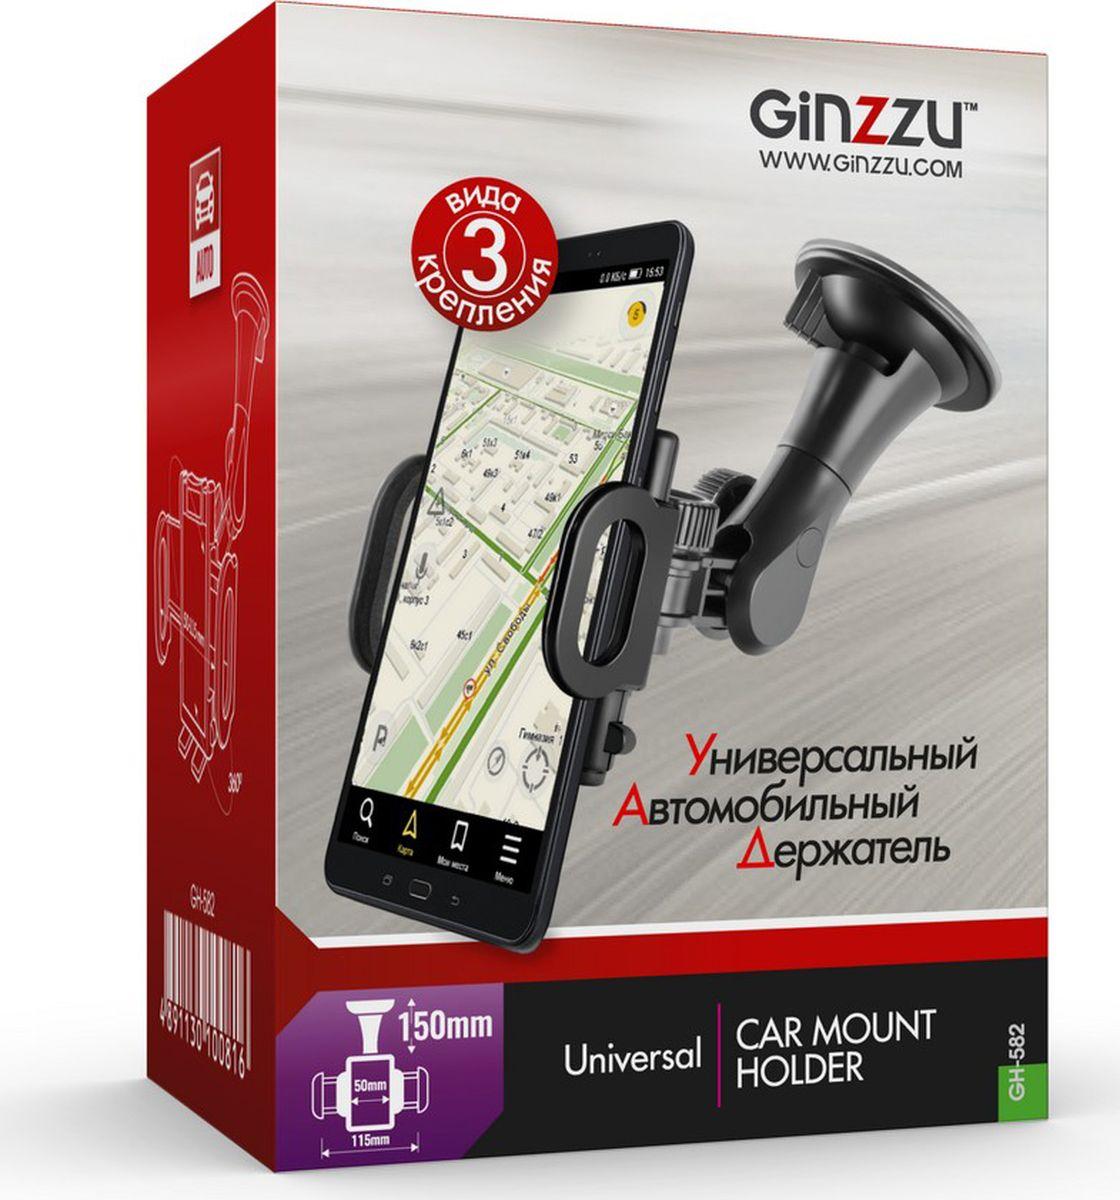 Ginzzu GH-582 автомобильный держатель для устройств до 7,9